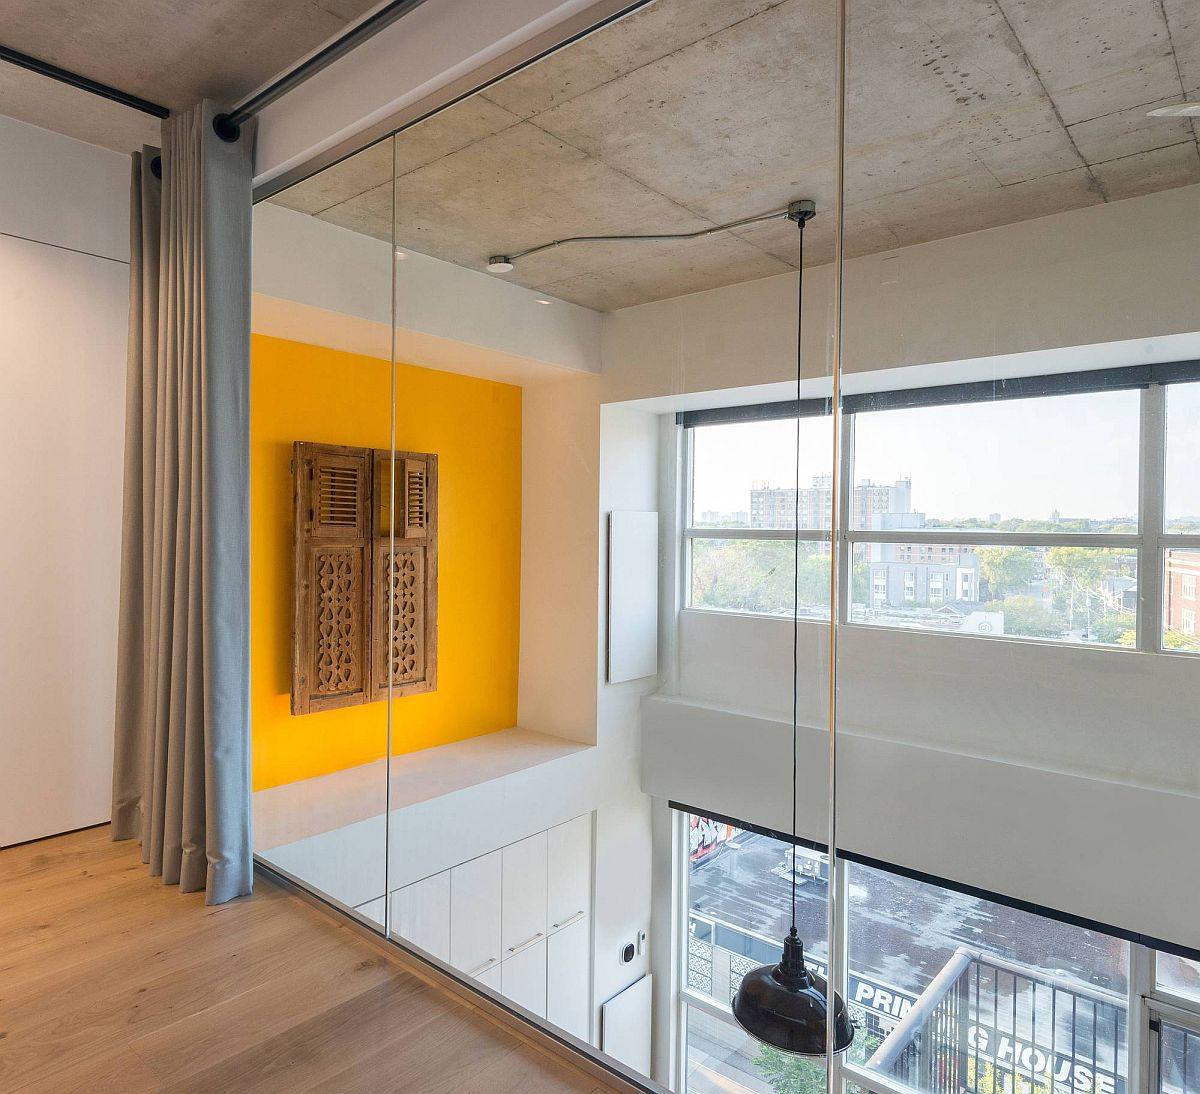 La fonction d'accent jaune avec des volets de fenêtre récupérés ajoute de la couleur aux deux niveaux